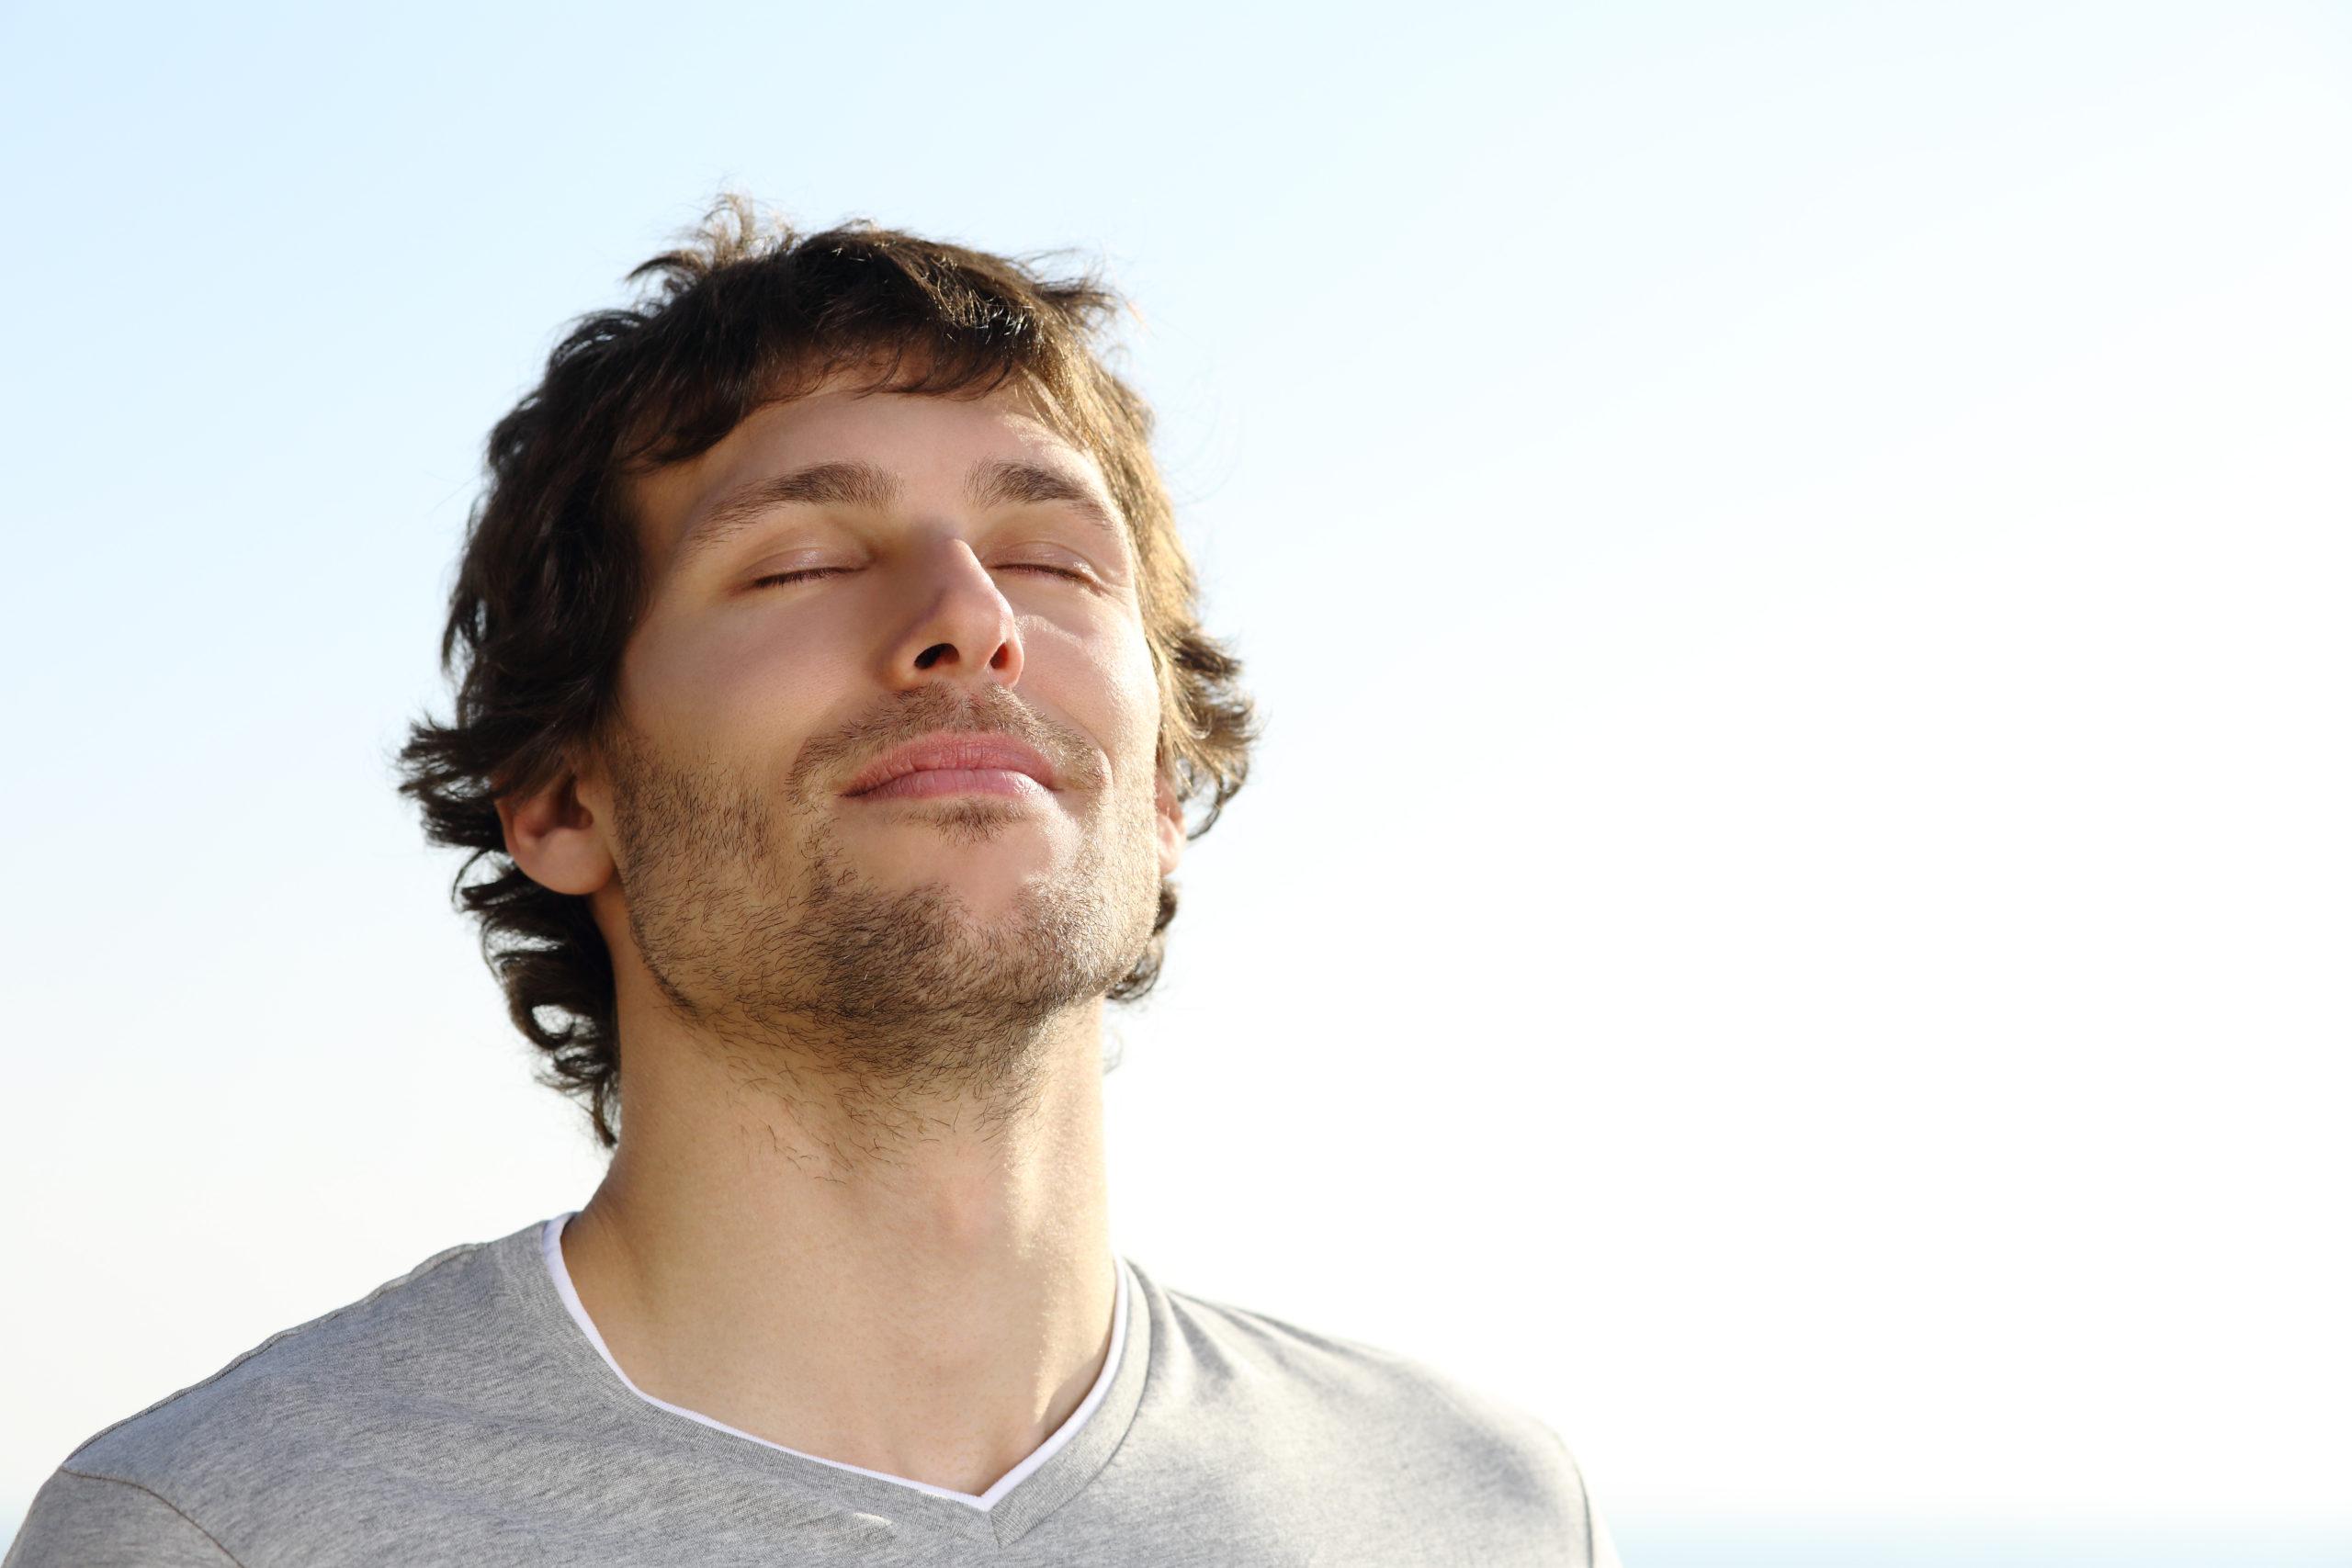 Aprende a respirar y aumenta tu capacidad pulmonar